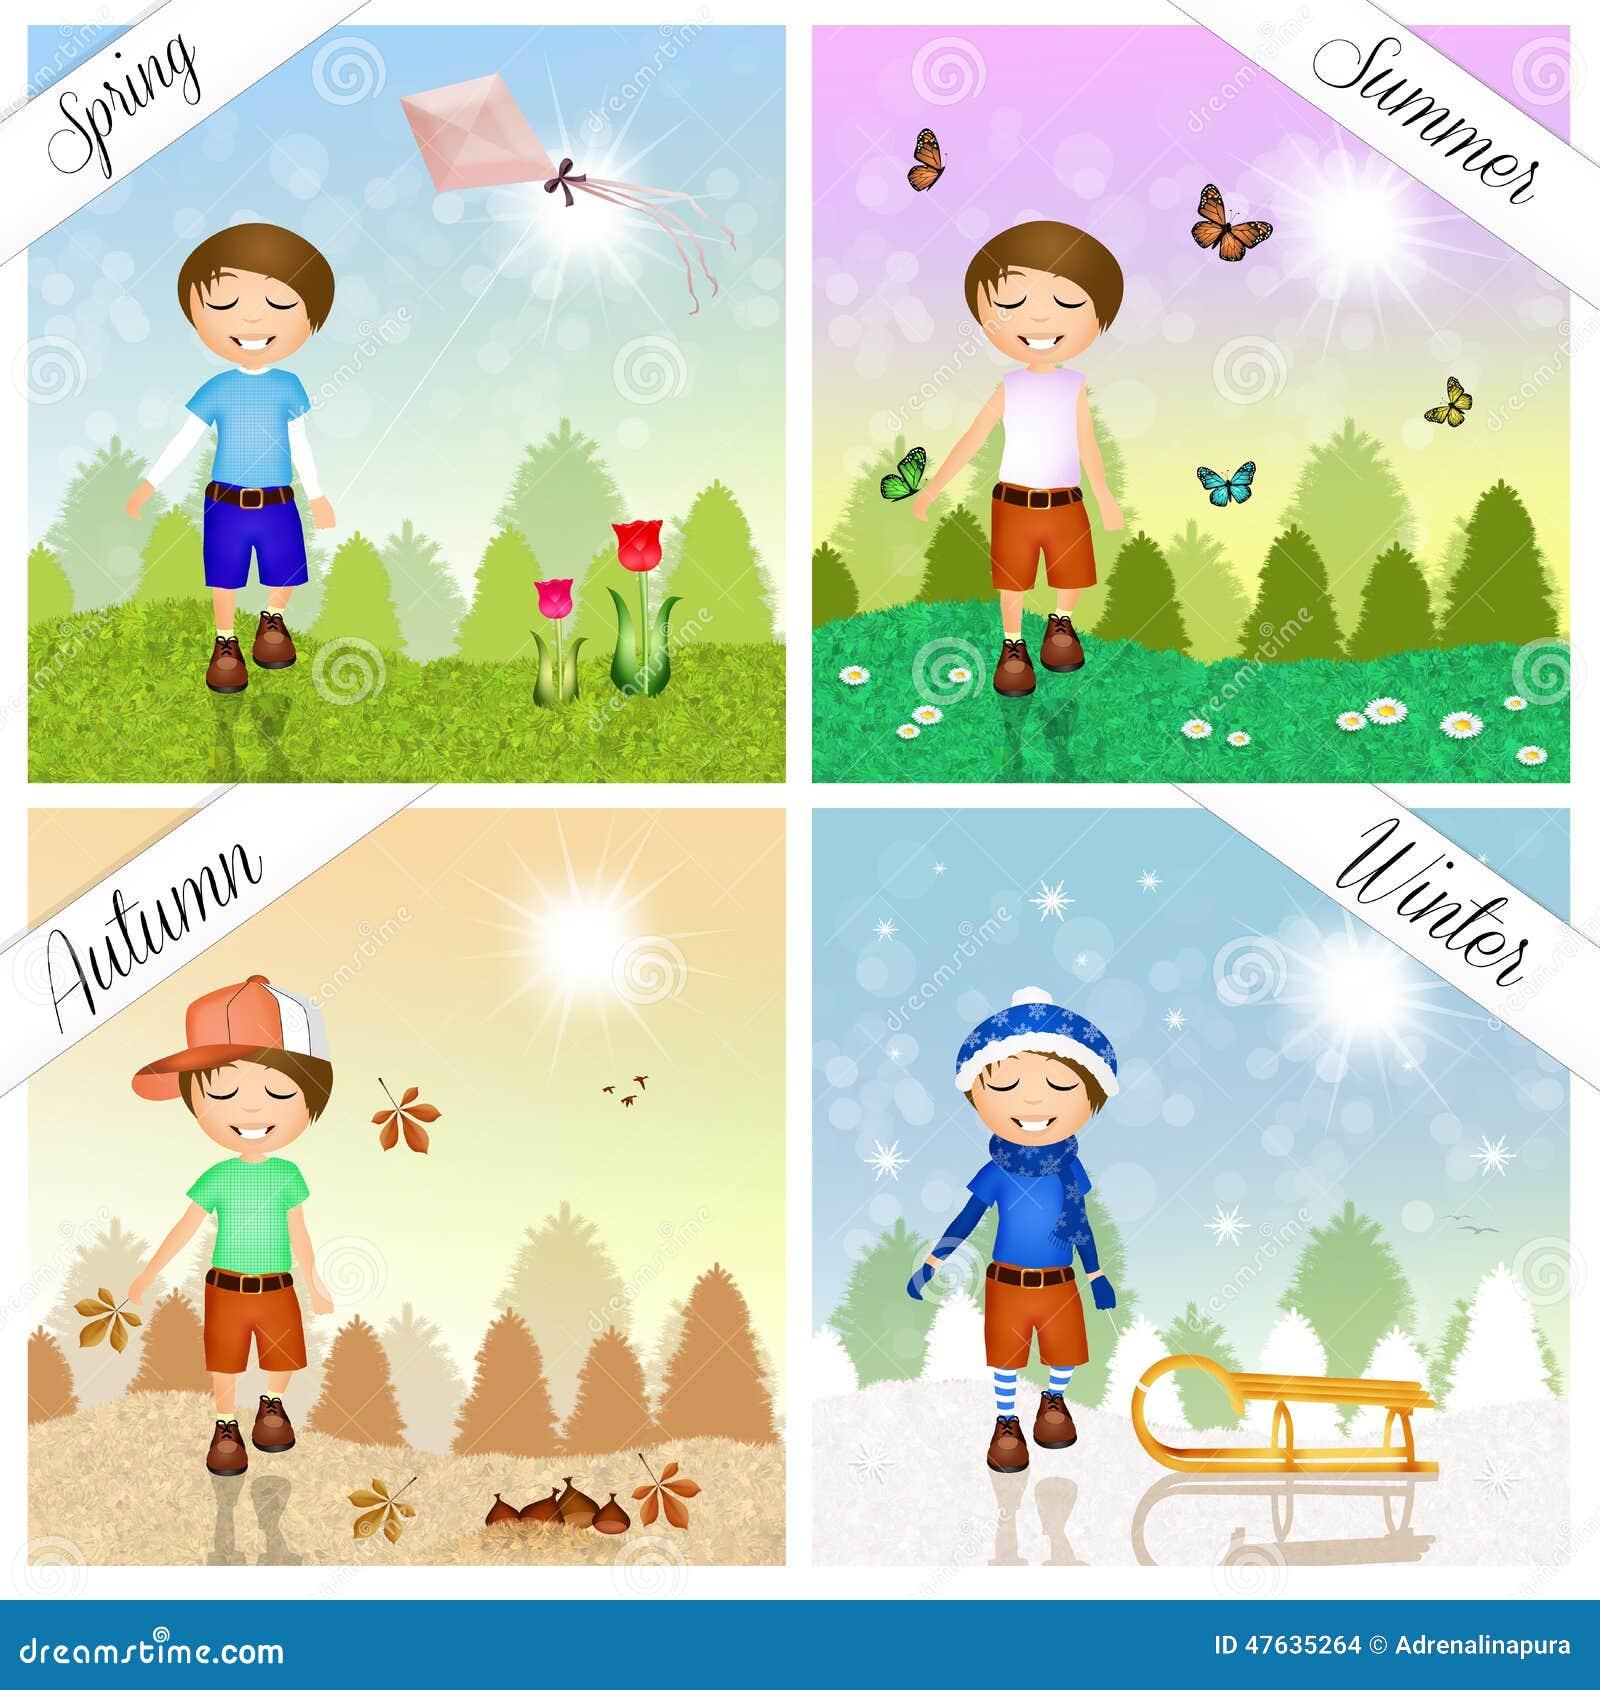 Enfant Pendant Les Quatre Saisons Illustration Stock - Image: 47635264